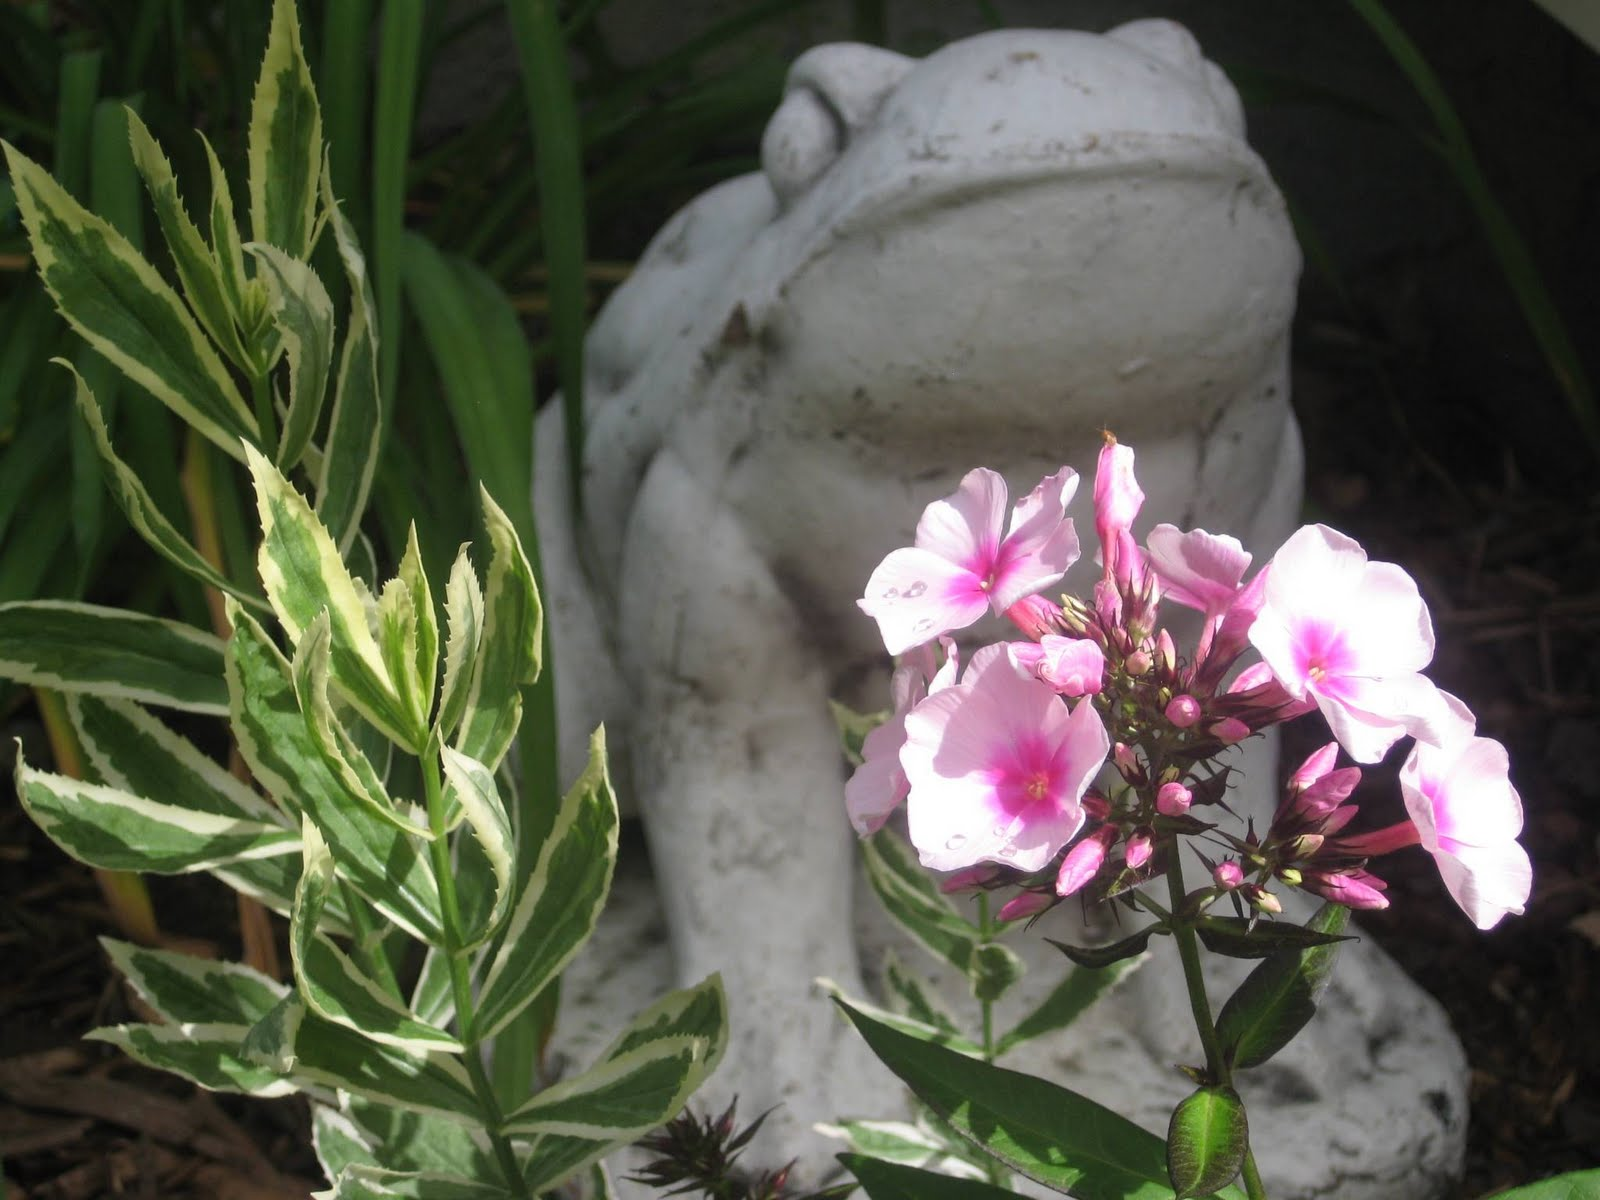 http://2.bp.blogspot.com/_pHp9NejG2Eg/THGKA0w71GI/AAAAAAAABU0/nNhTxYQ1Z0E/s1600/Frog+%26+phlox.jpg